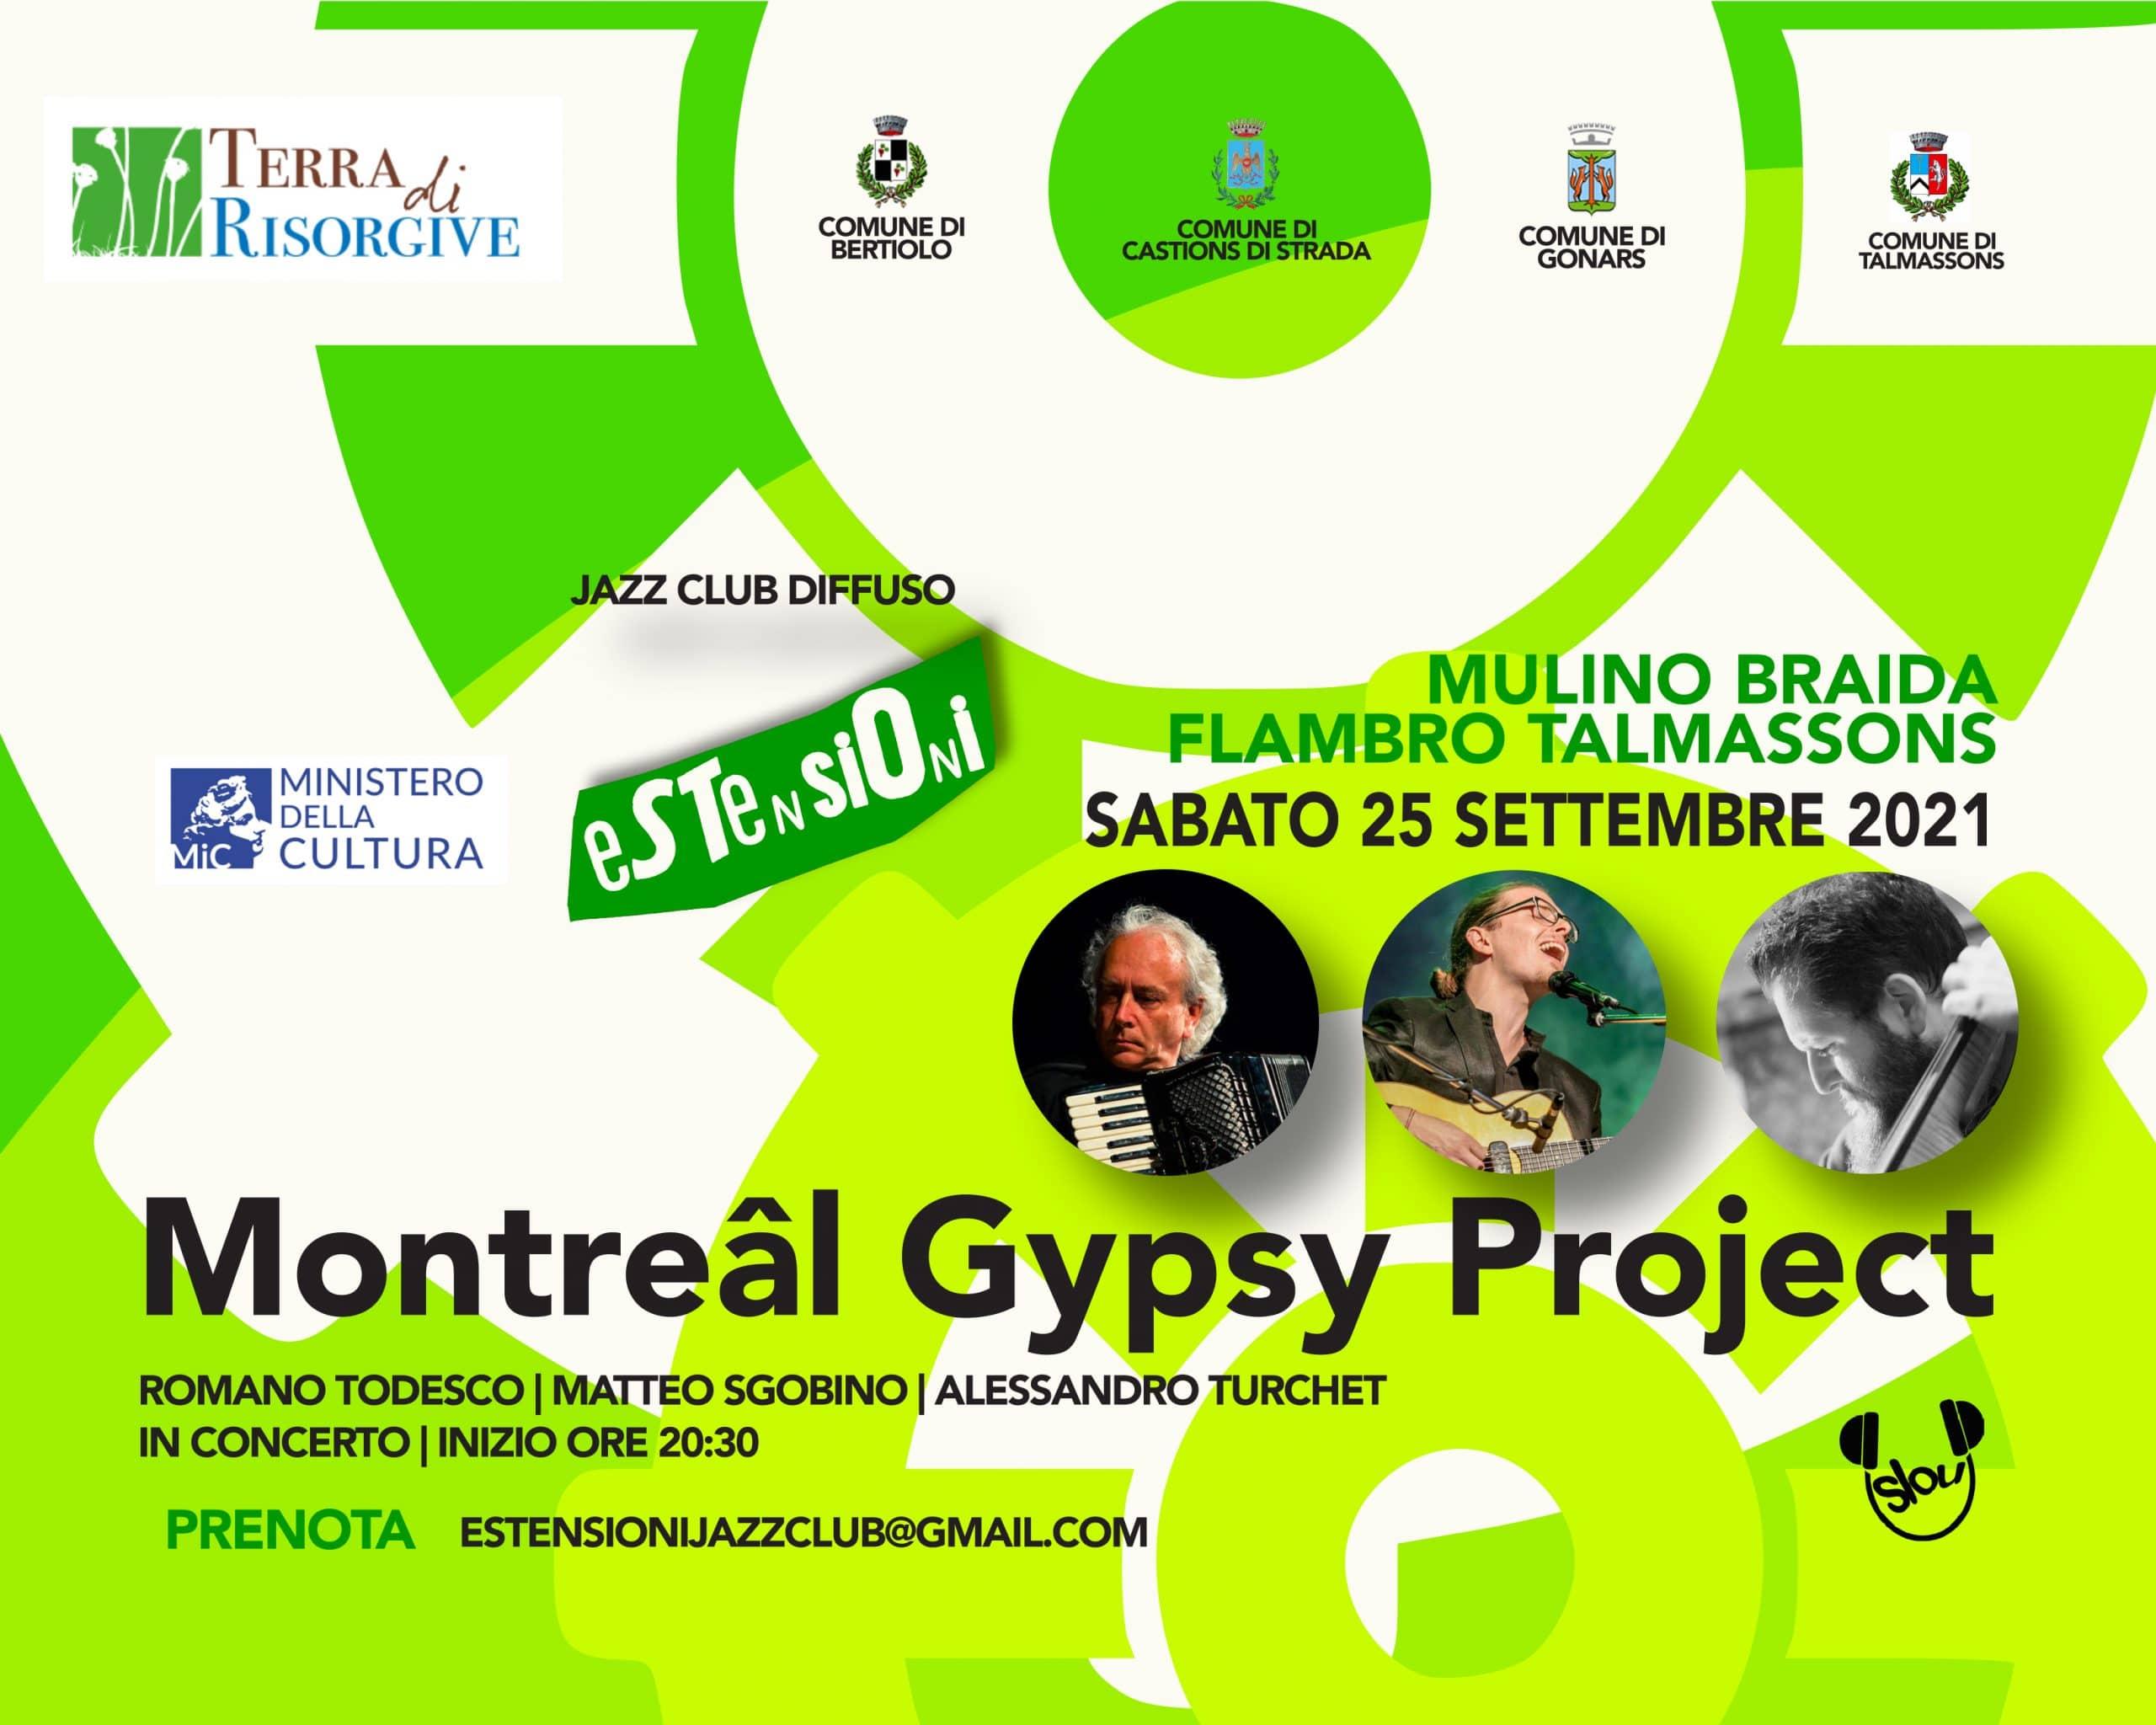 Montreâl Gypsy Project @ Mulino Braida, Flambro, 25 settembre